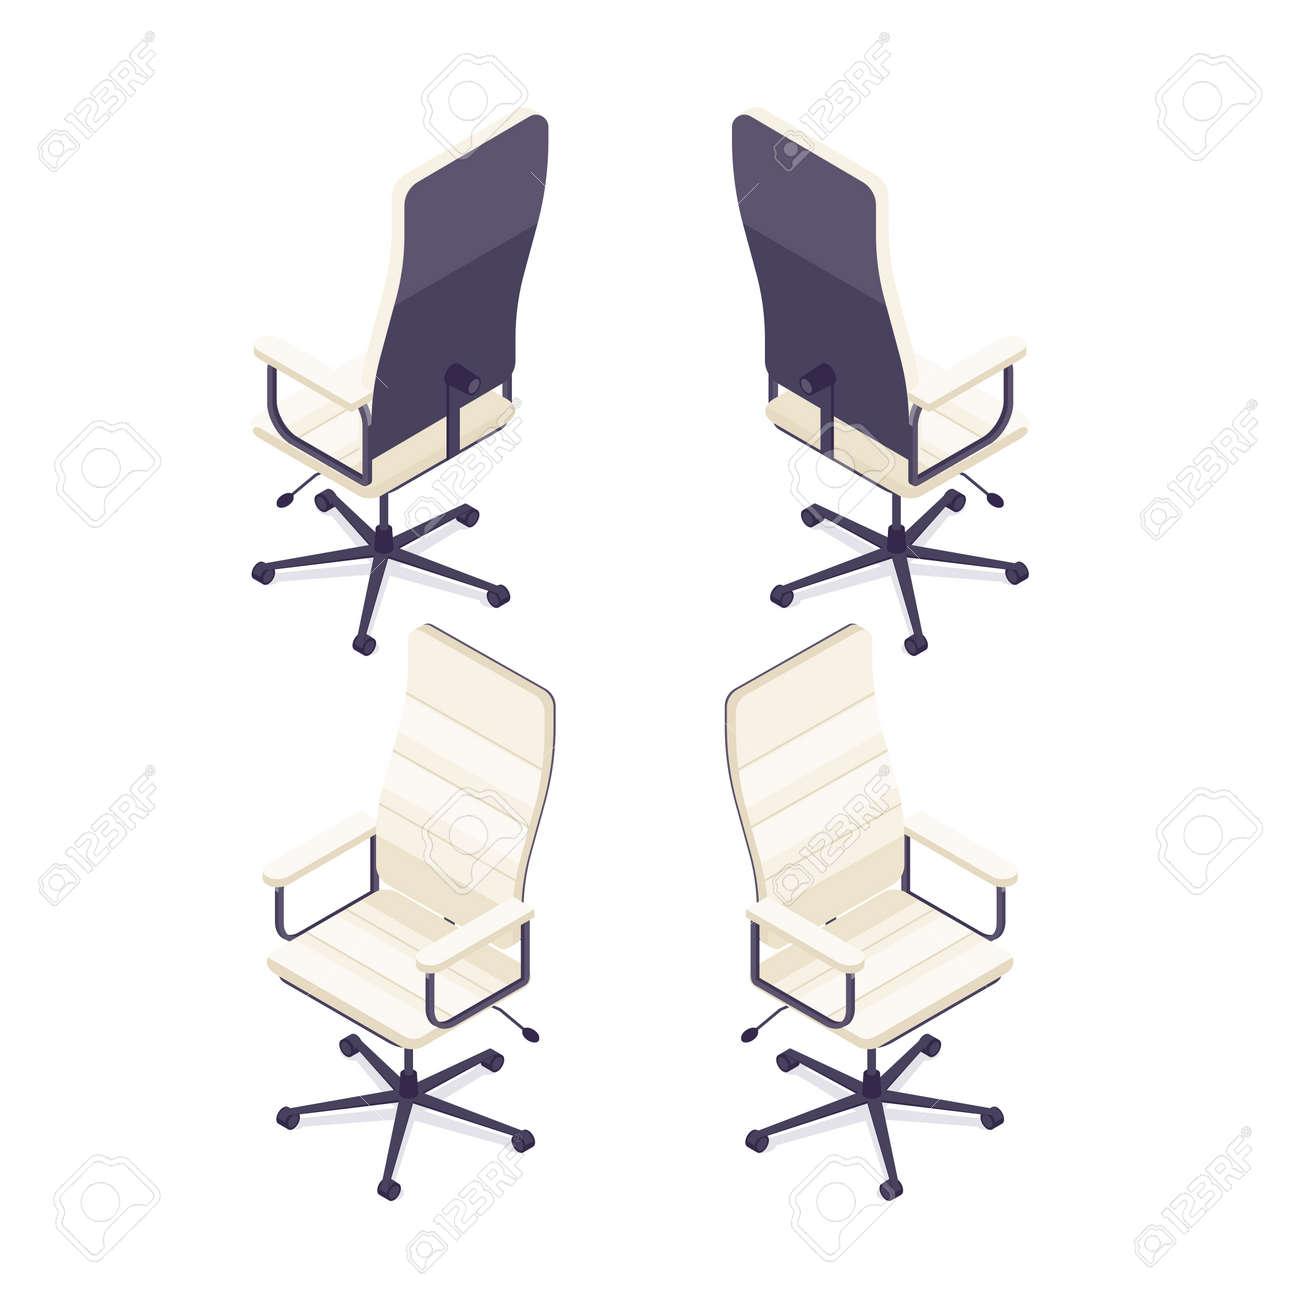 Isometrischer Computerstuhl Lokalisiert Auf Weißem Hintergrund ...